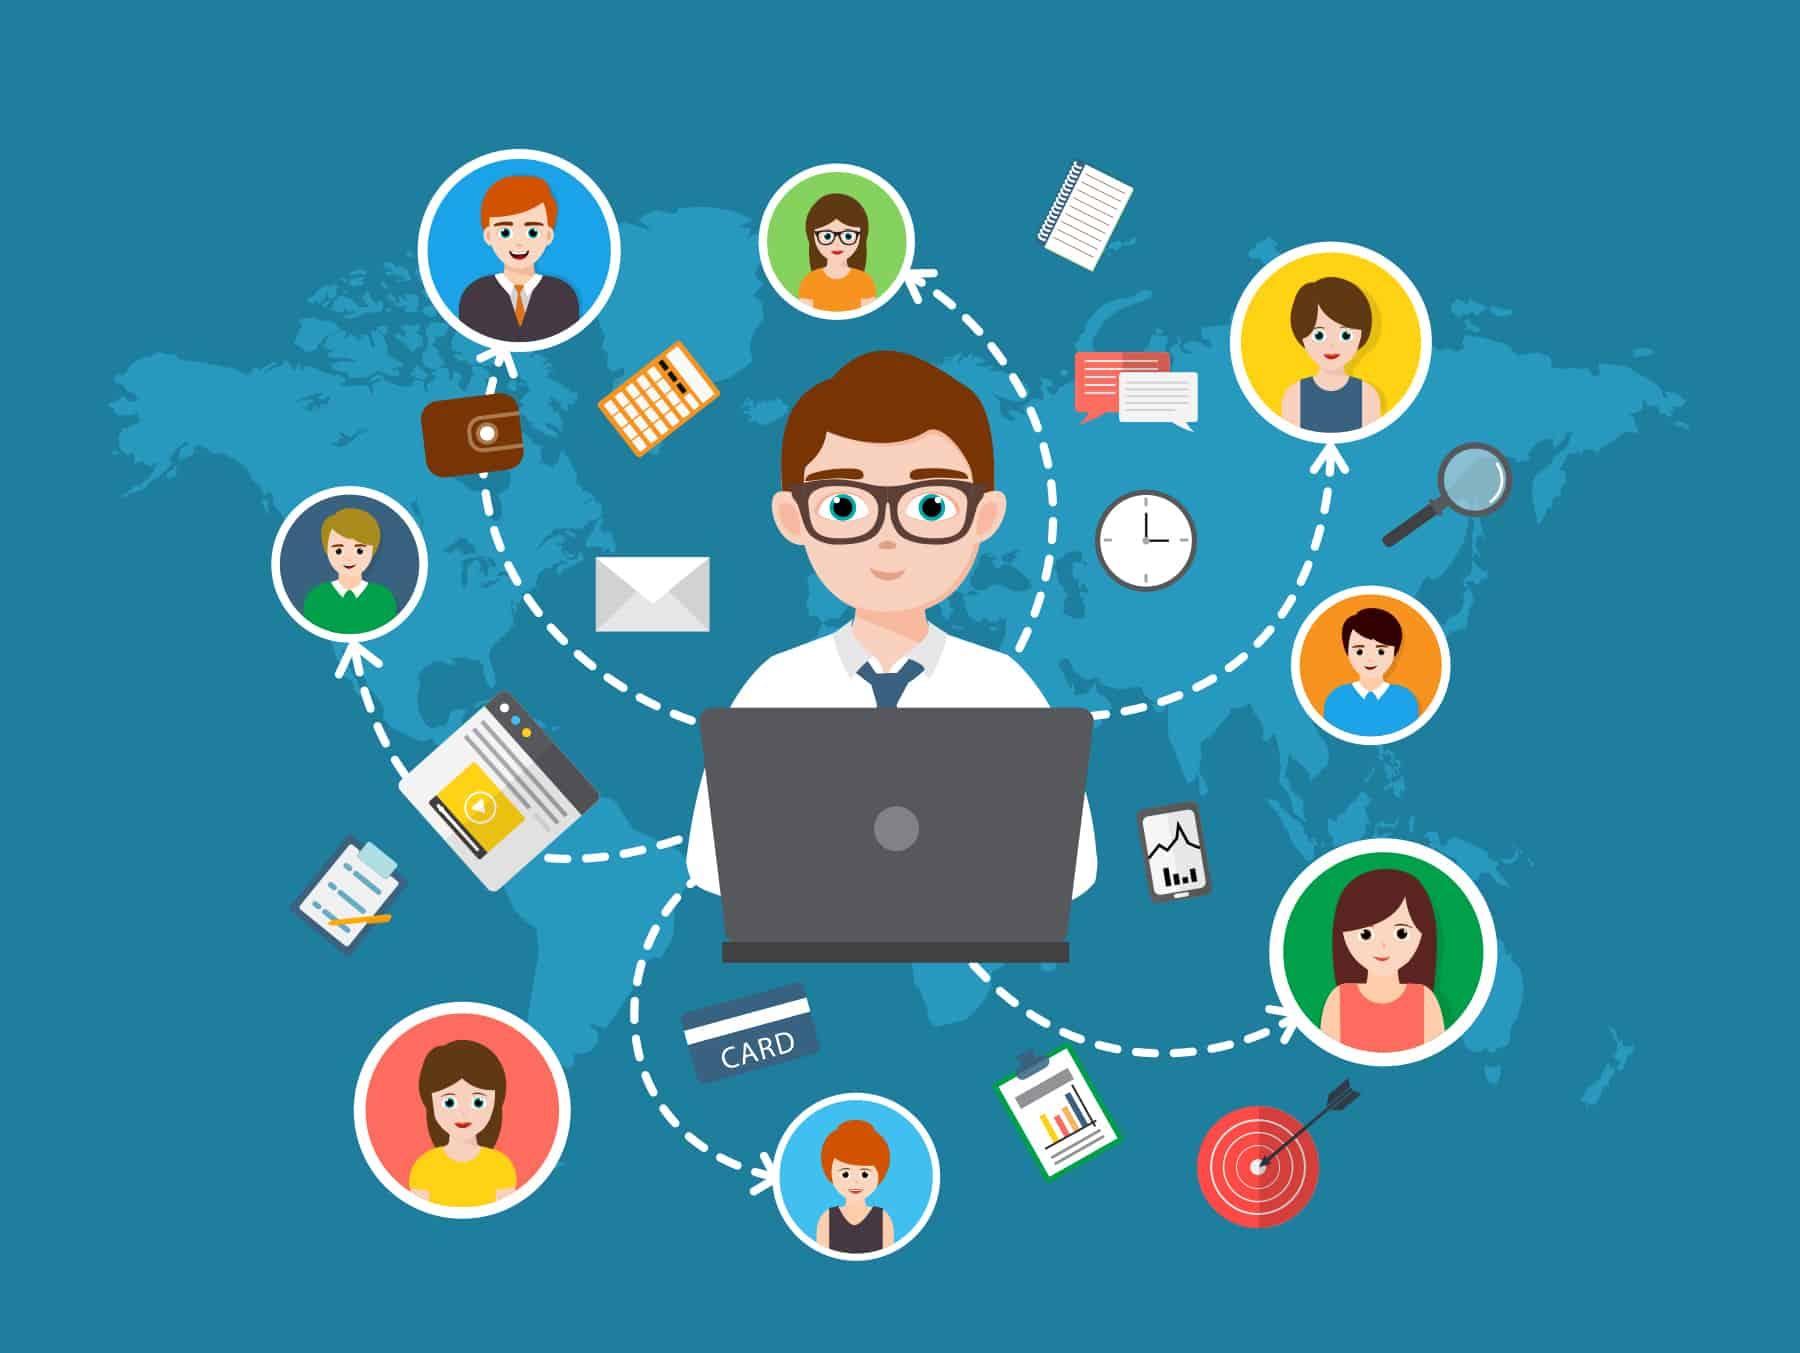 Become a Social Media Entrepreneur With These Simple Steps 1 Social Media erfolgreich nutzen: 3 einfache Schritte für dein Unternehmen